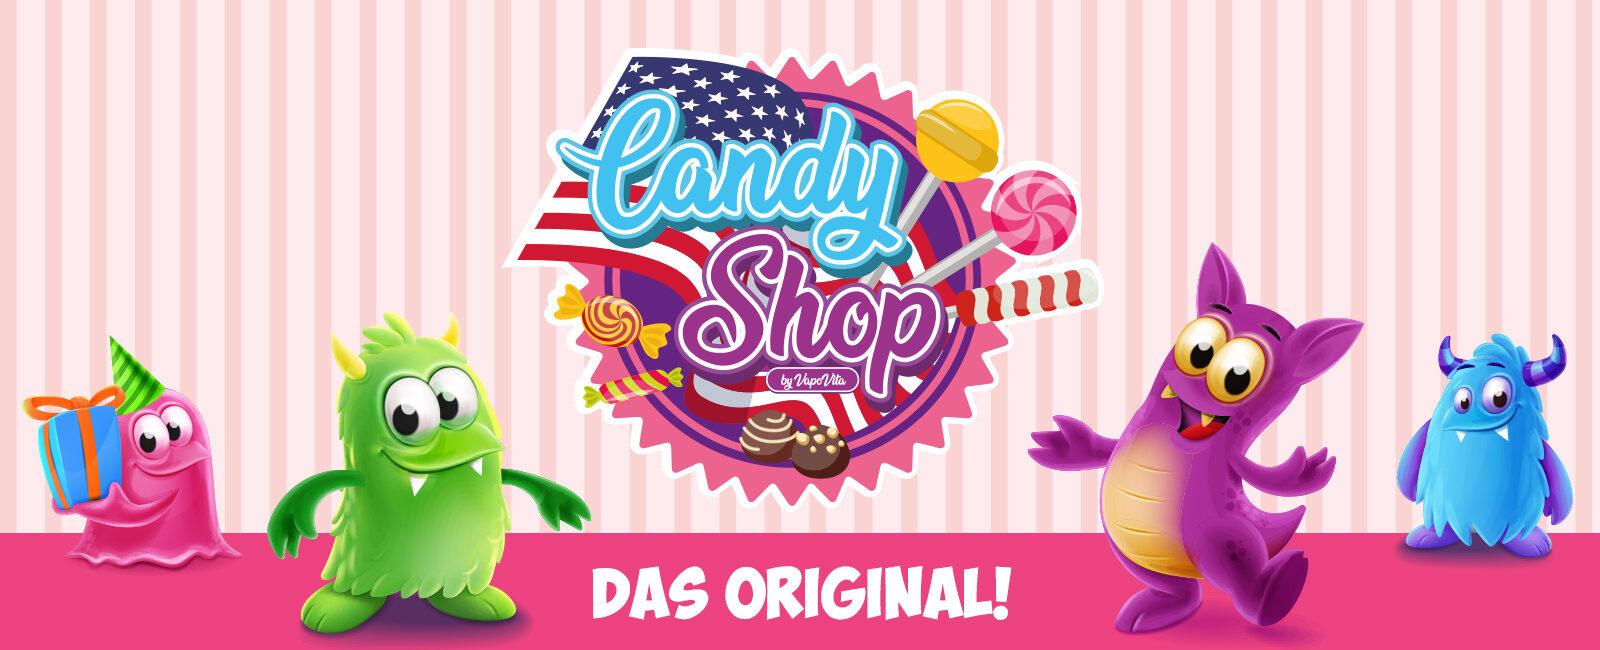 Candyshop Bremen – Amerikanische Süßigkeiten